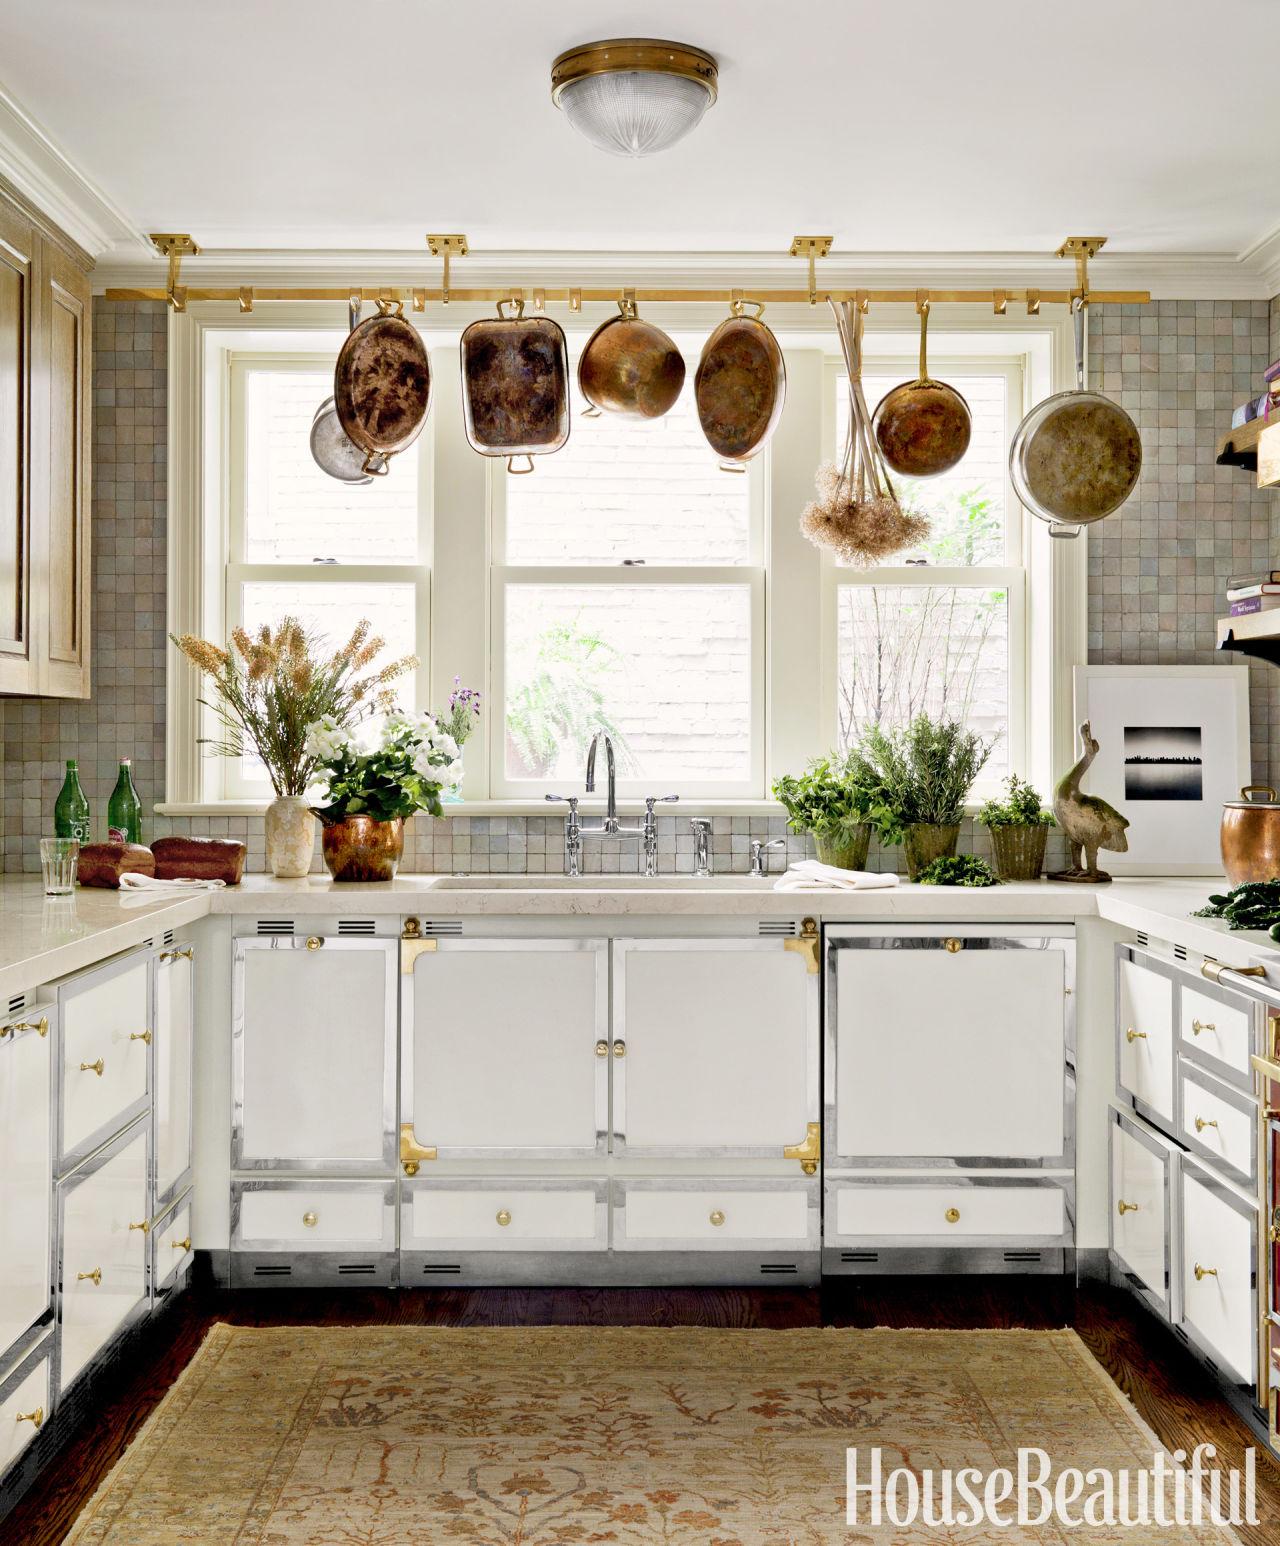 Best kitchens of 2012 top kitchen designs for Best kitchen designs 2012